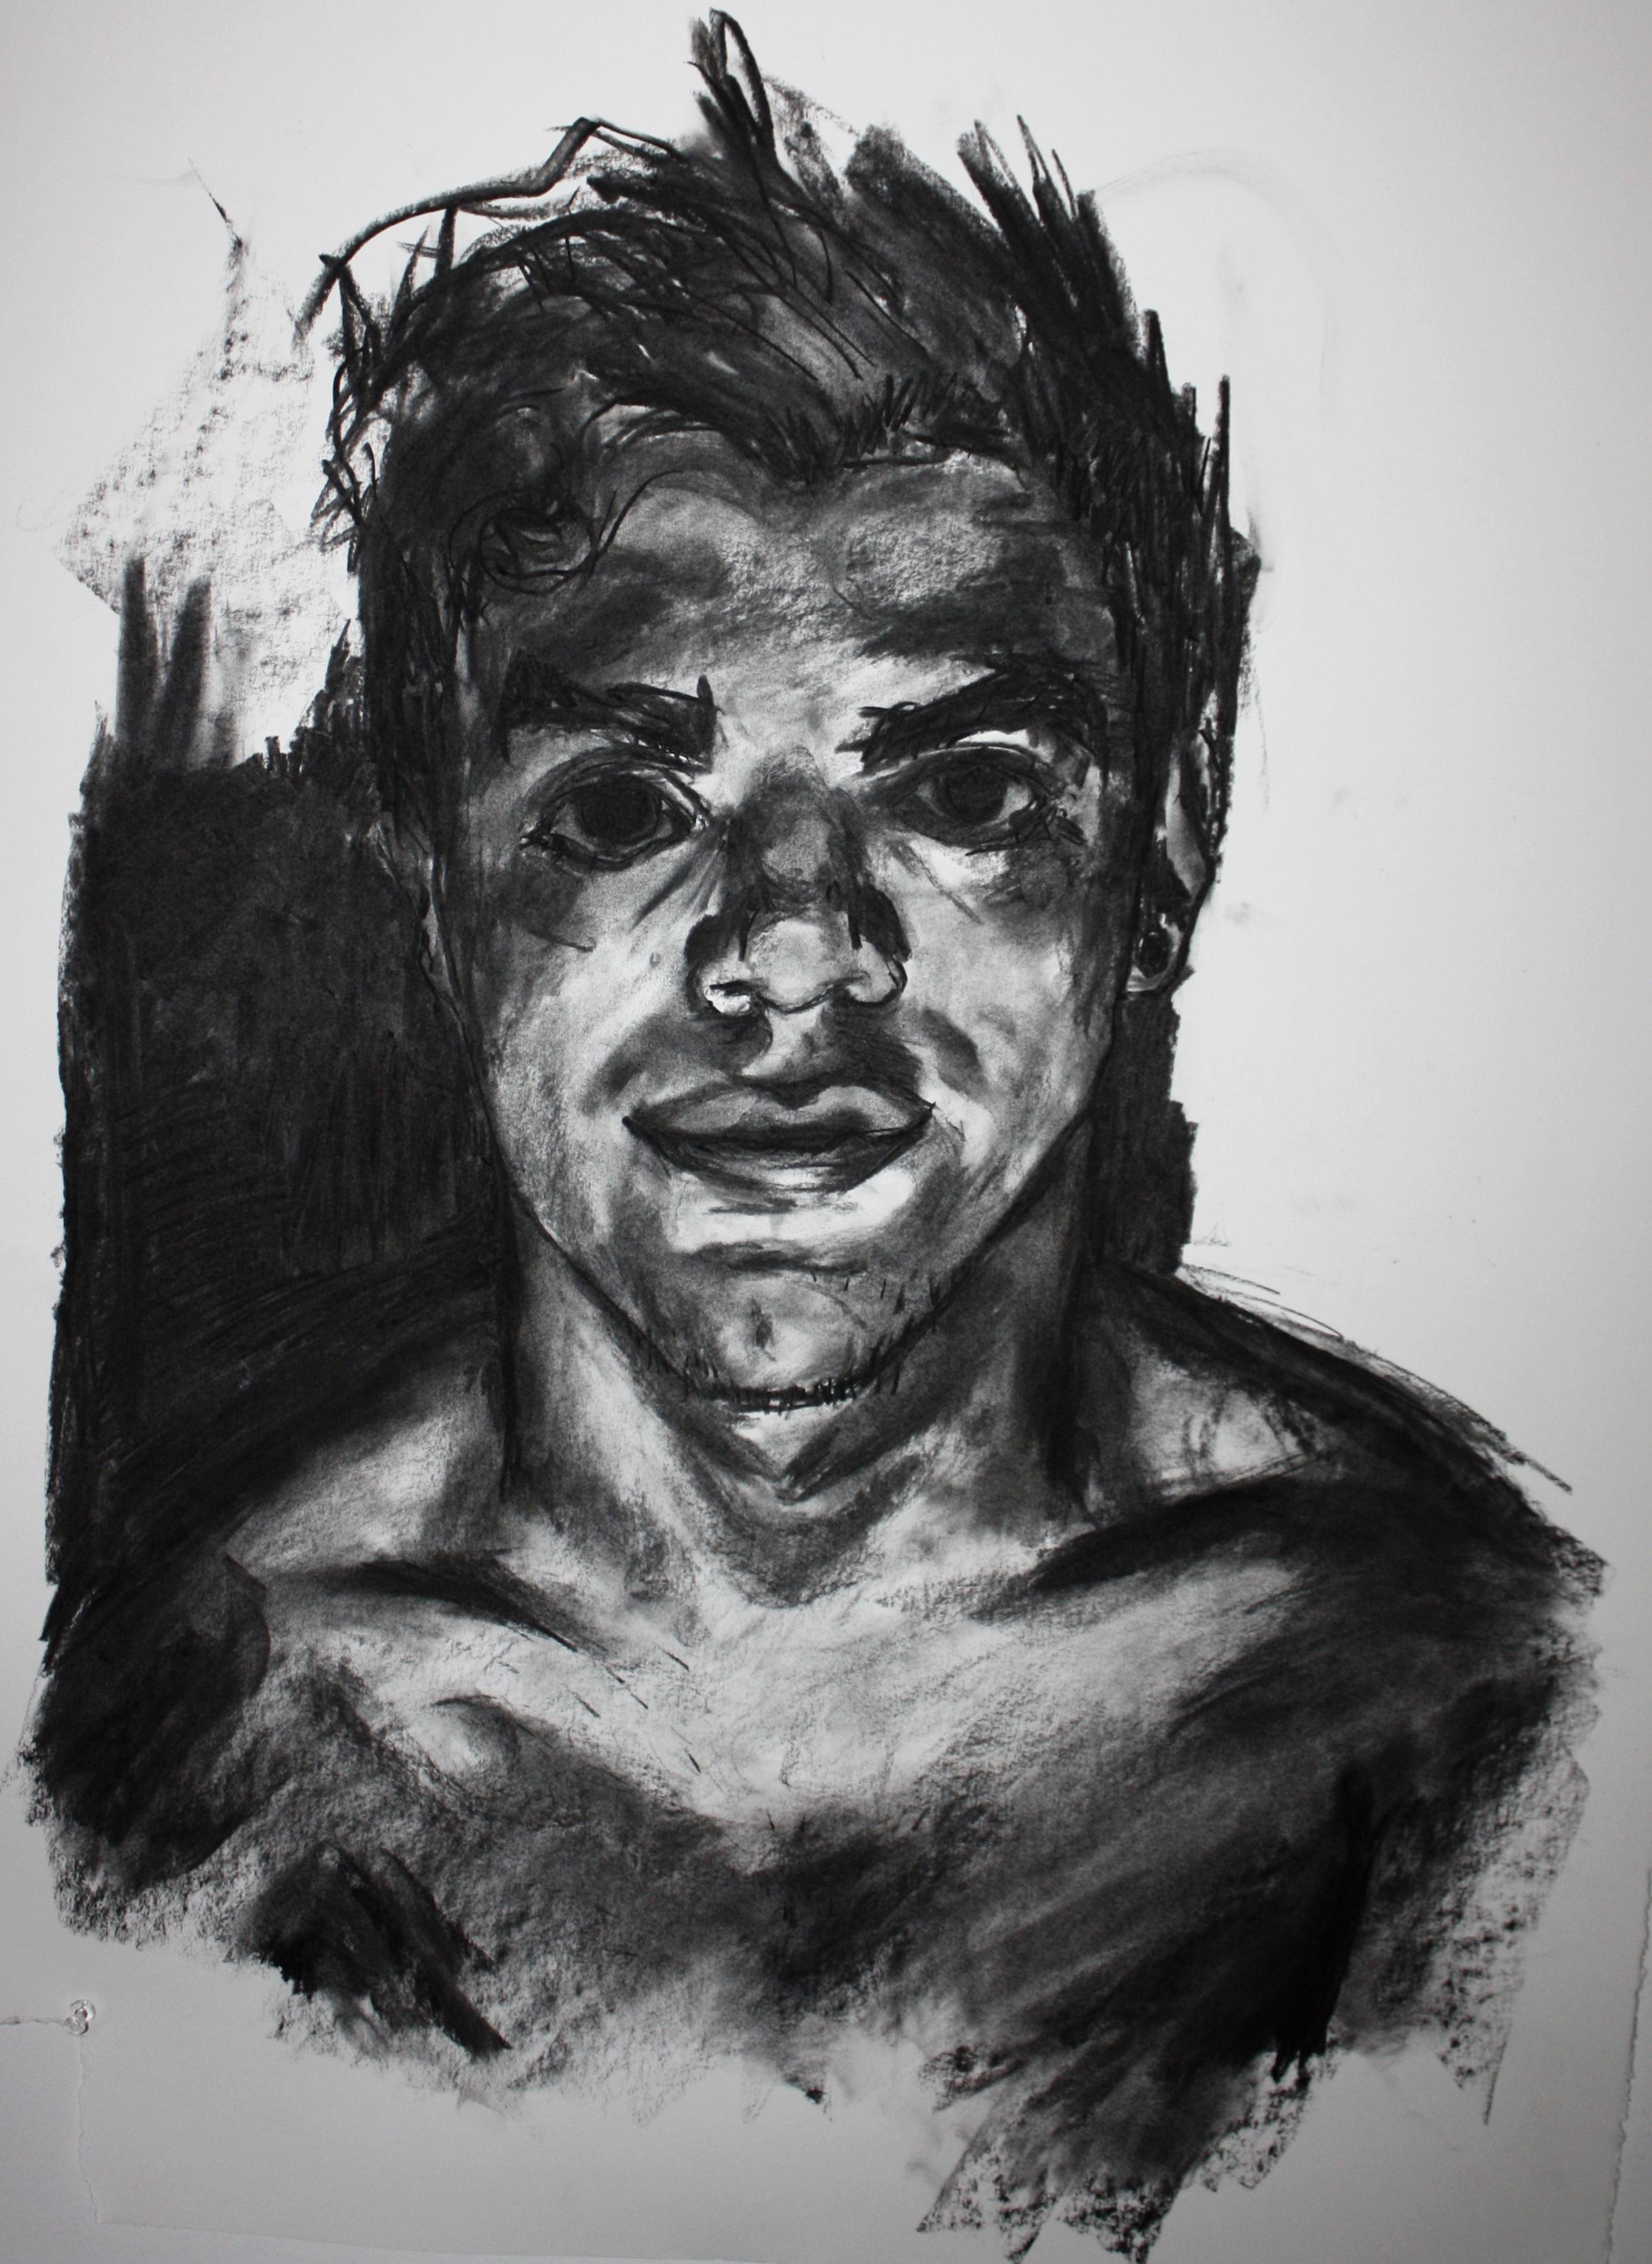 Jonny - Sketch